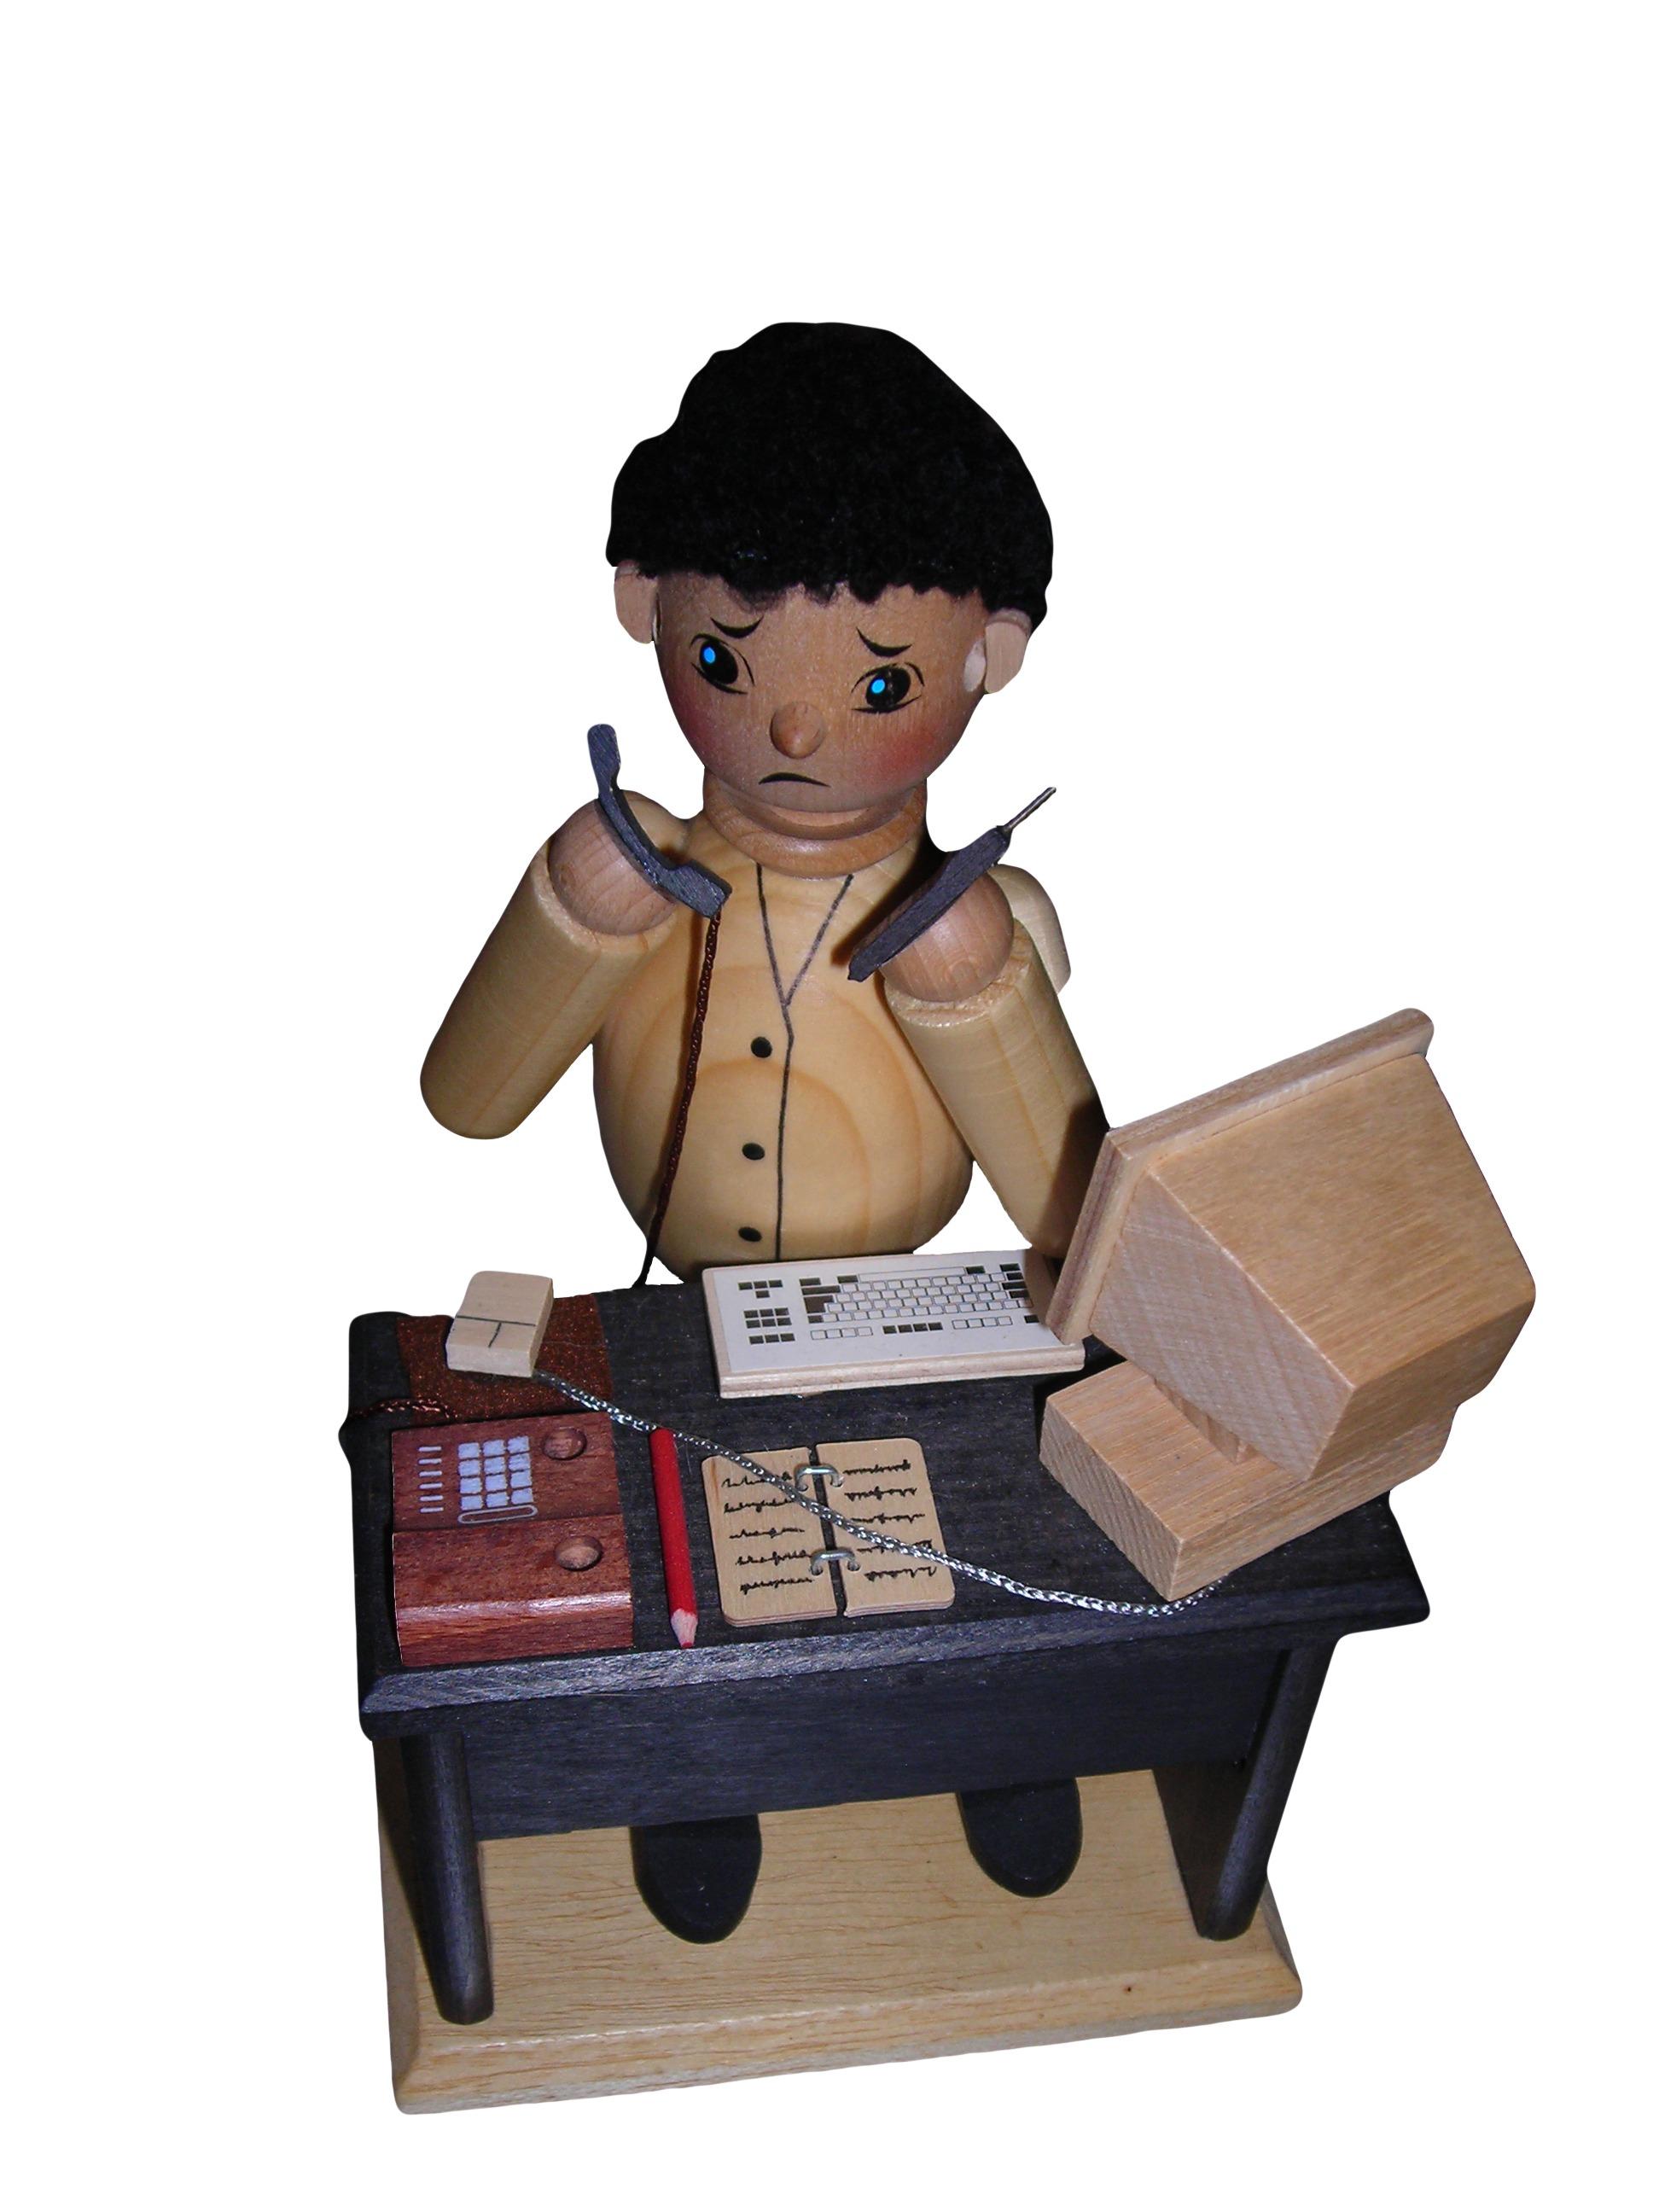 Gambar Meja Tulis Komputer Bermain Terpencil Telepon Mainan Koleksi Anak Seni Angka Ilustrasi Arca Action Figure Kartun Mendukung